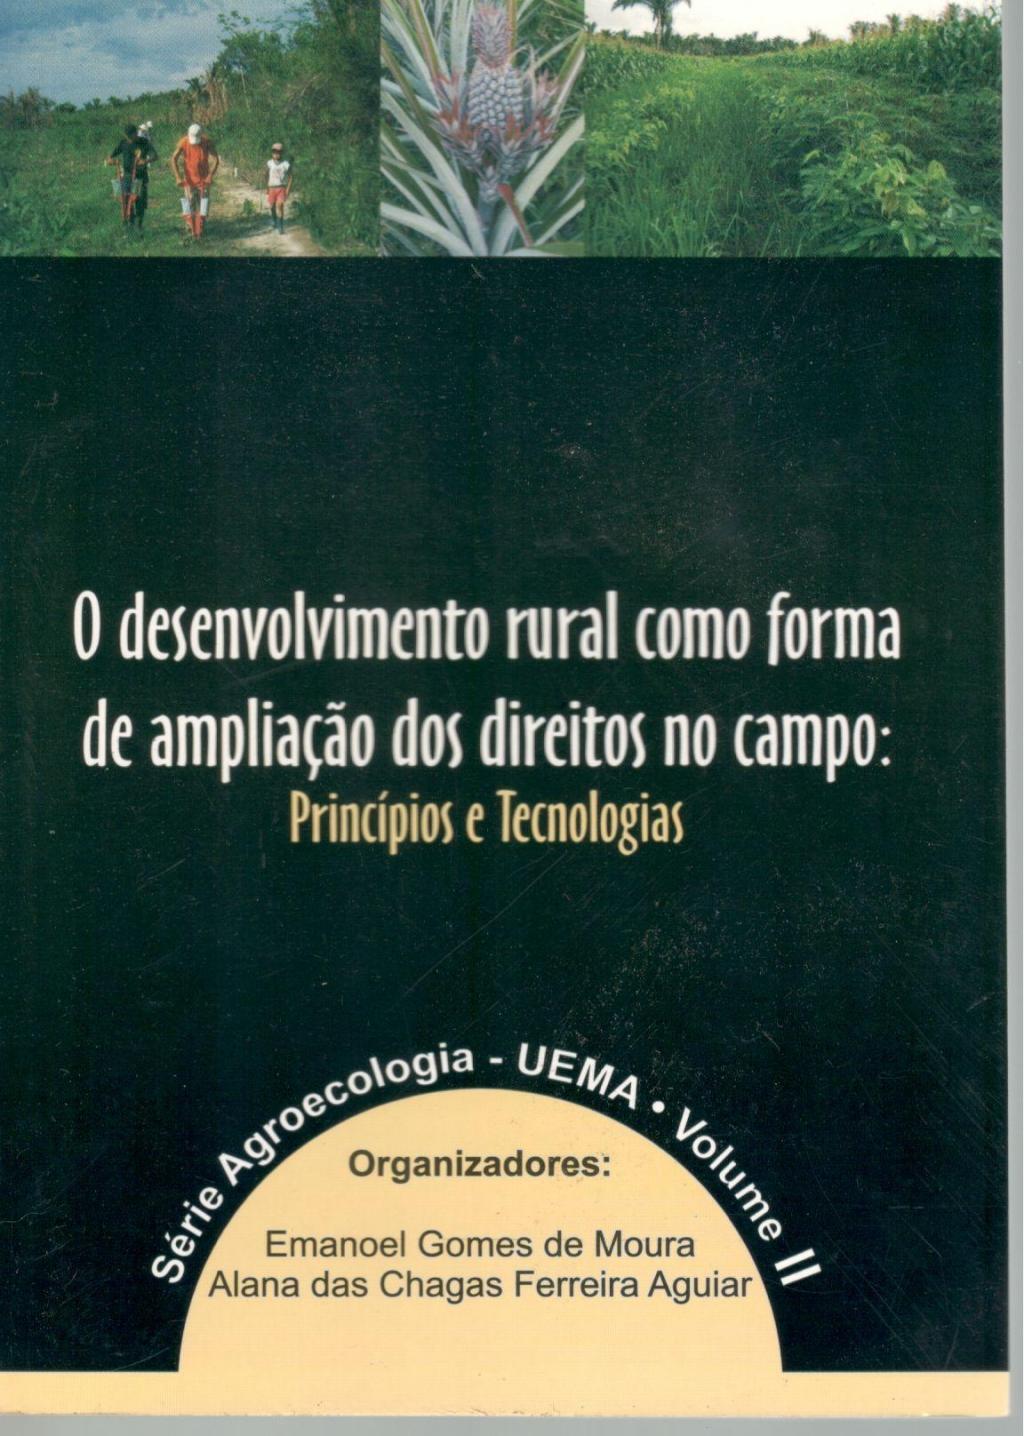 O desenvolvimento rural como forma de ampliação dos direitos